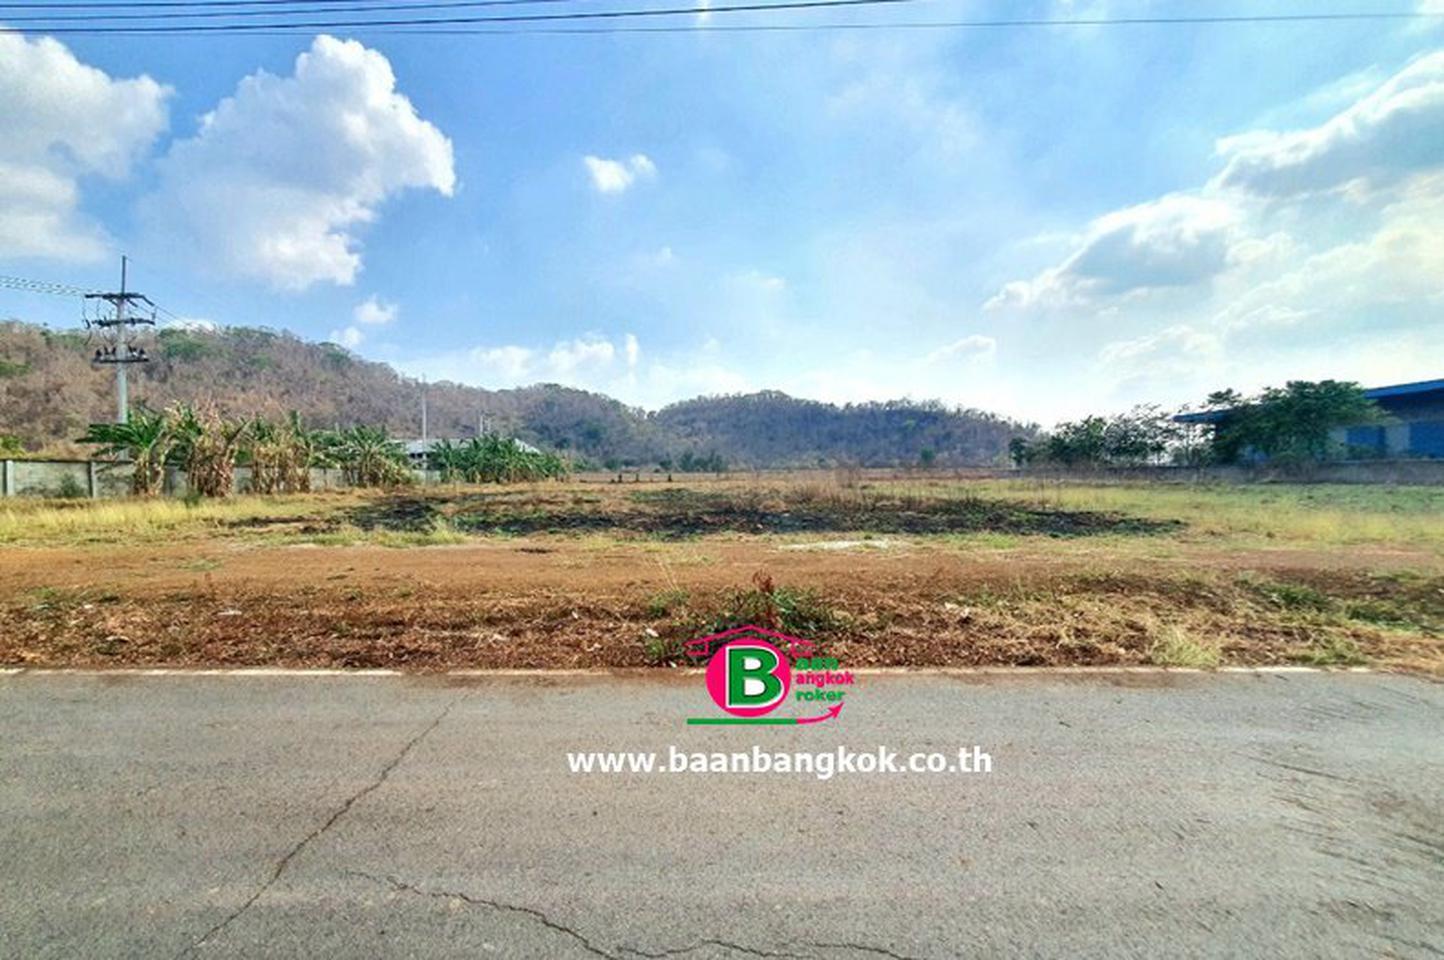 ที่ดินเปล่า 5-1-37 ไร่ แก่งคอย สระบุรี หน้ากว้างประมาณ 86 M x 100 M เป็นพื้นที่สีเขียว ทำโรงงานที่เกี่ยวข้องกับการเกษตร รูปที่ 6